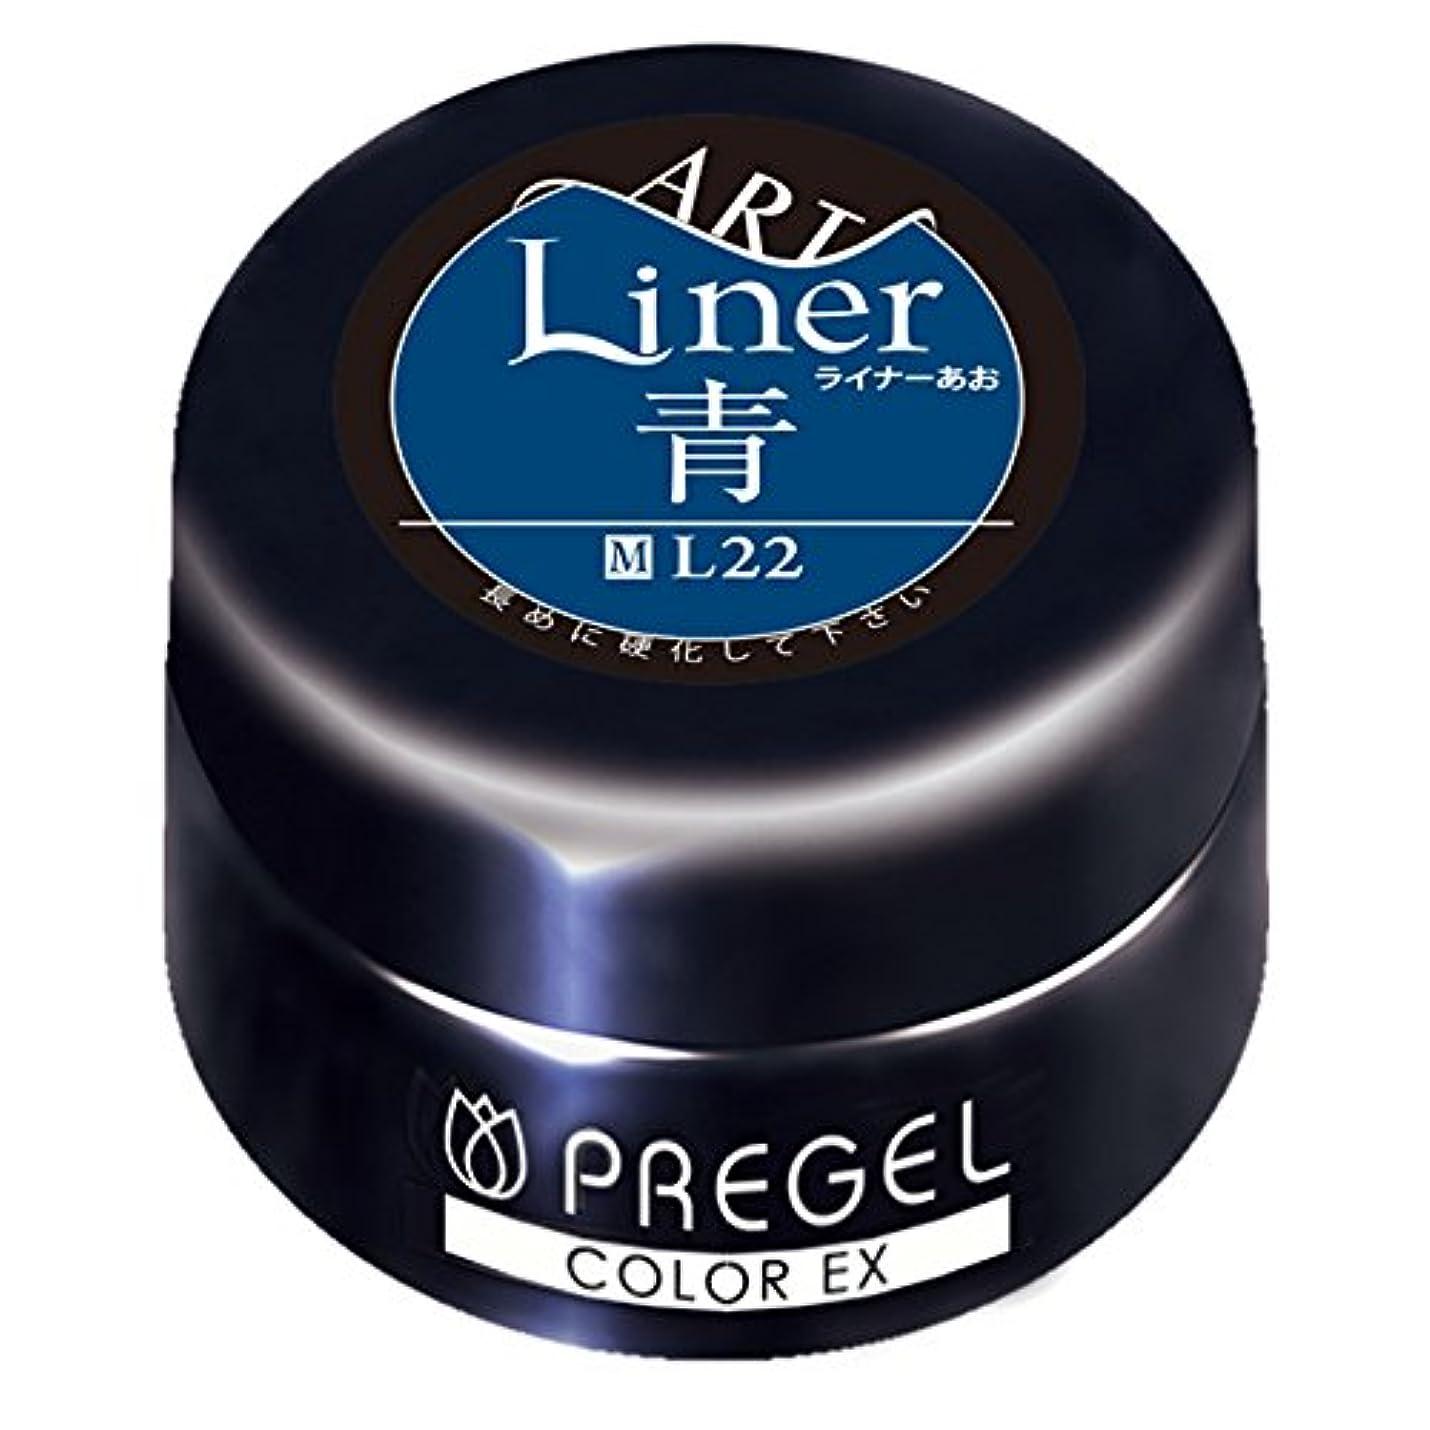 動員する順応性電球PRE GEL カラーEX ライナー青 3g PG-CEL22 UV/LED対応